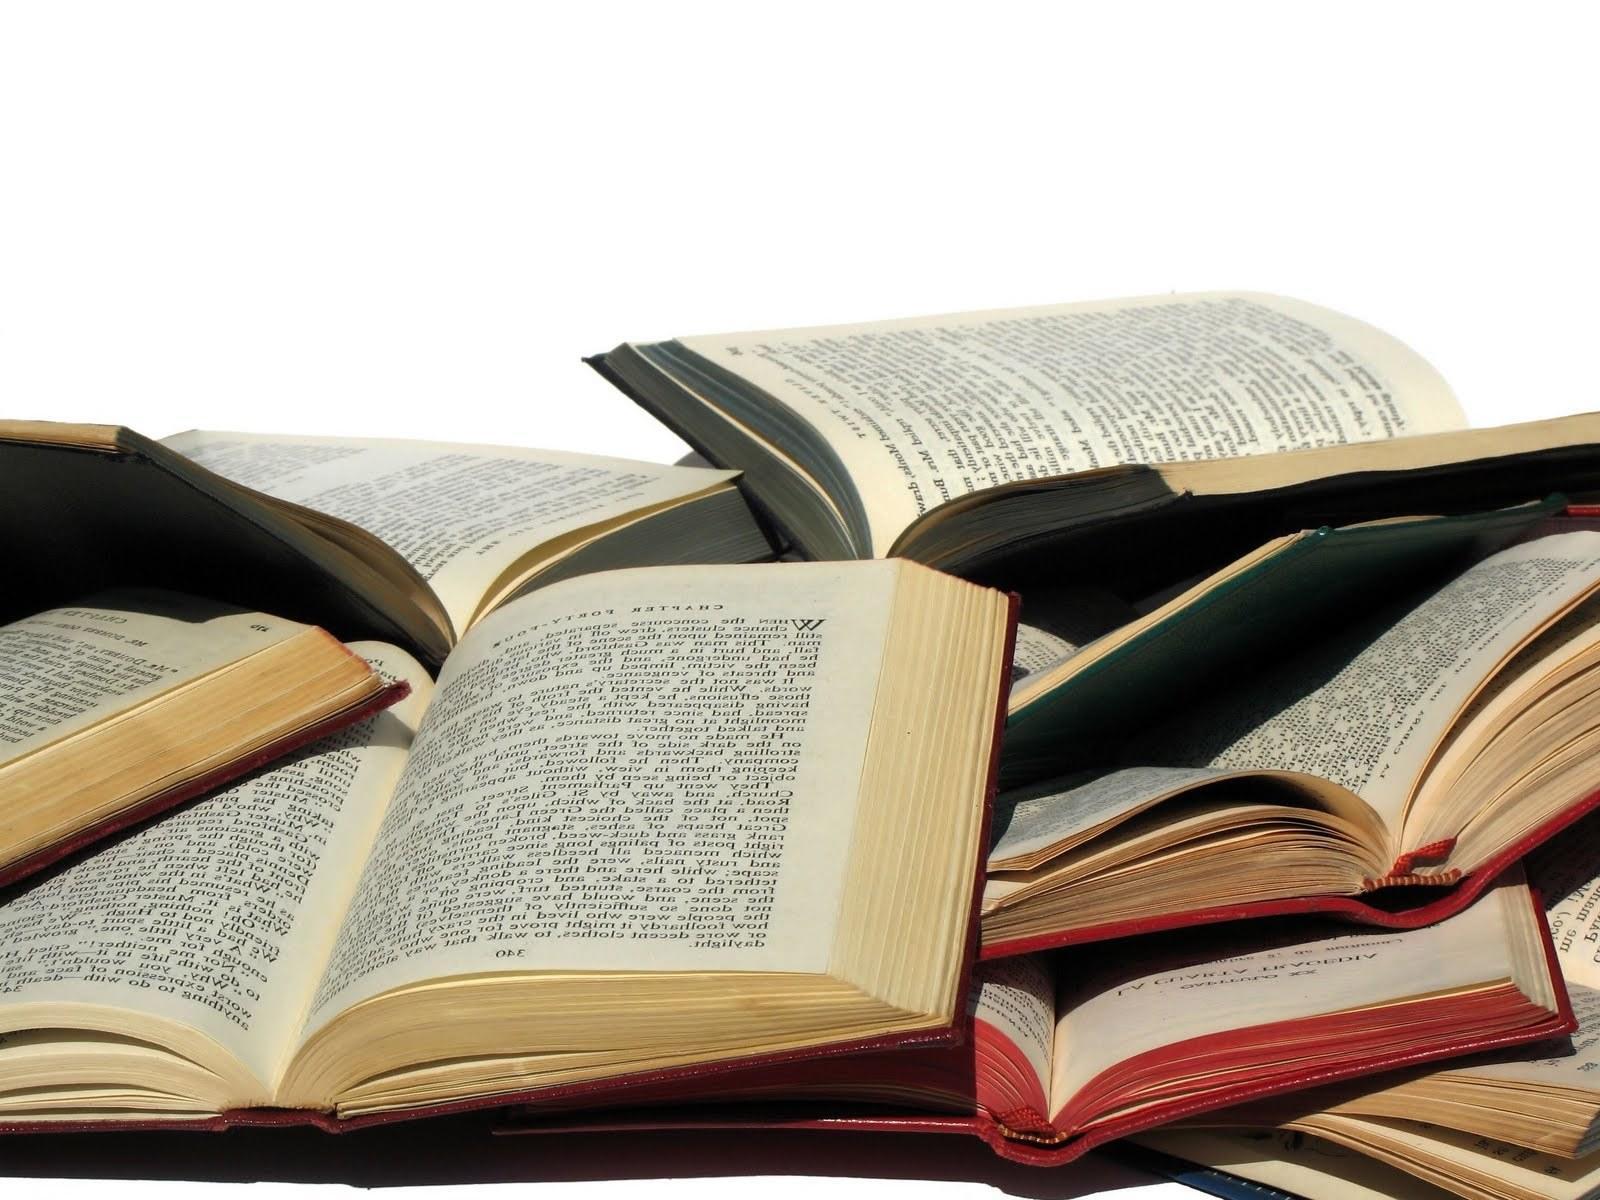 Prevenir a Doença de Alzheimer e Promover a Lucidez Mental com a Leitura e Desenvolvimento Intelectual